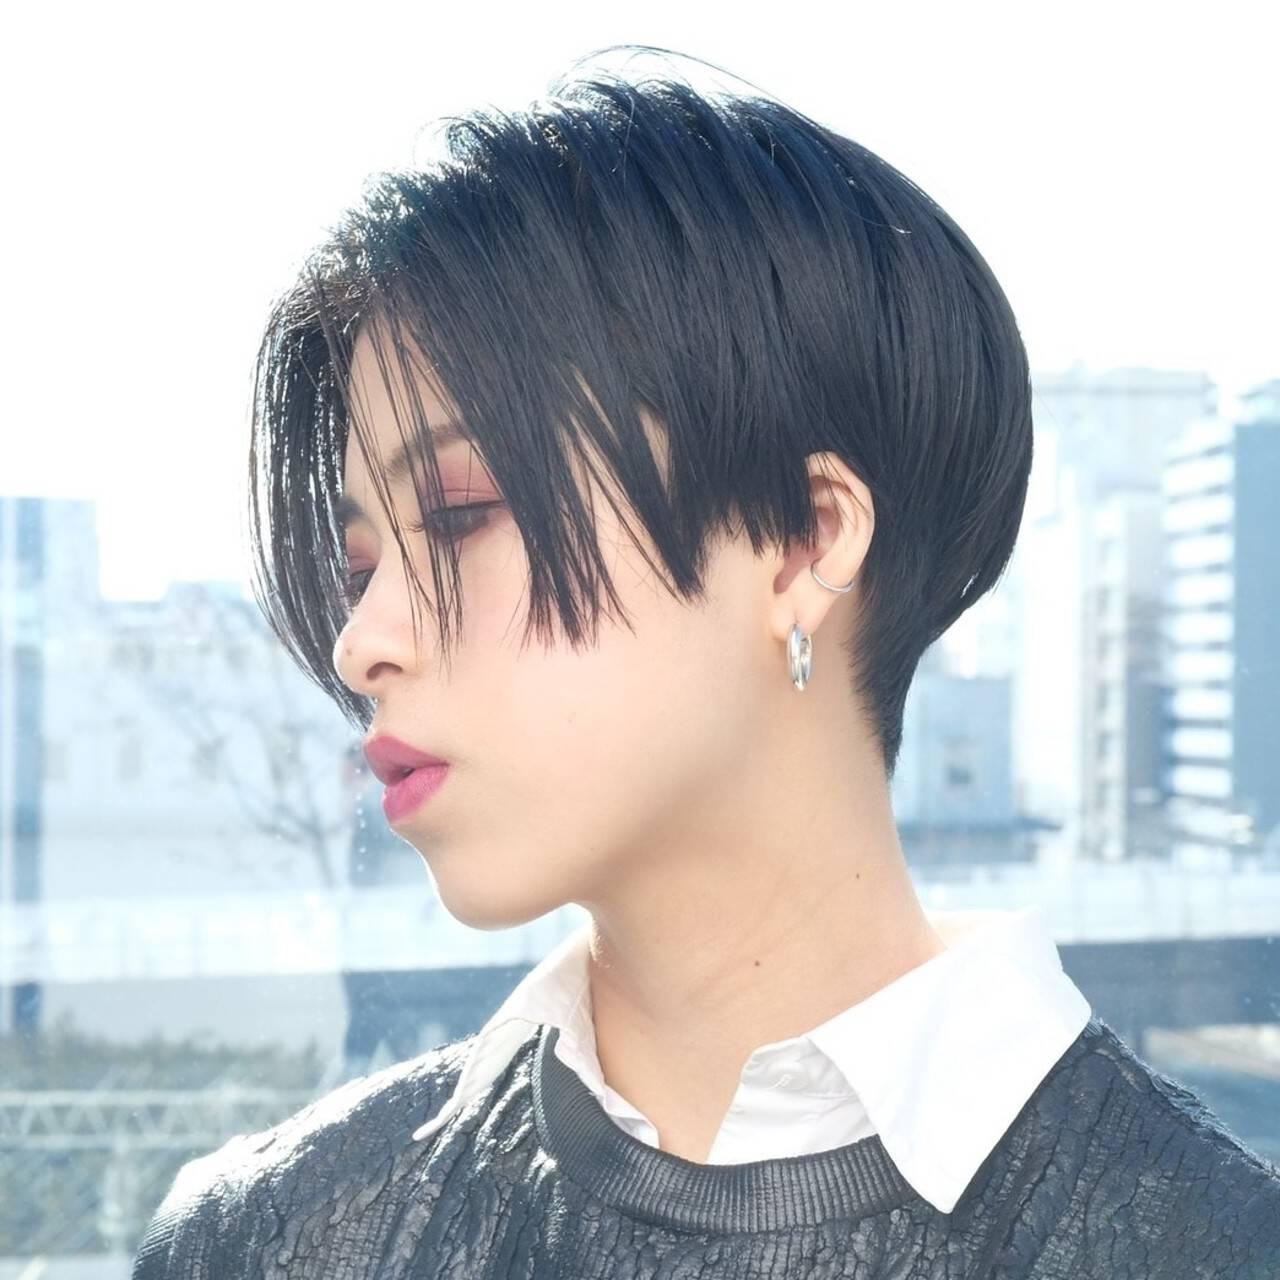 ハンサムショート PEEK-A-BOO 大人ヘアスタイル 似合わせカットヘアスタイルや髪型の写真・画像